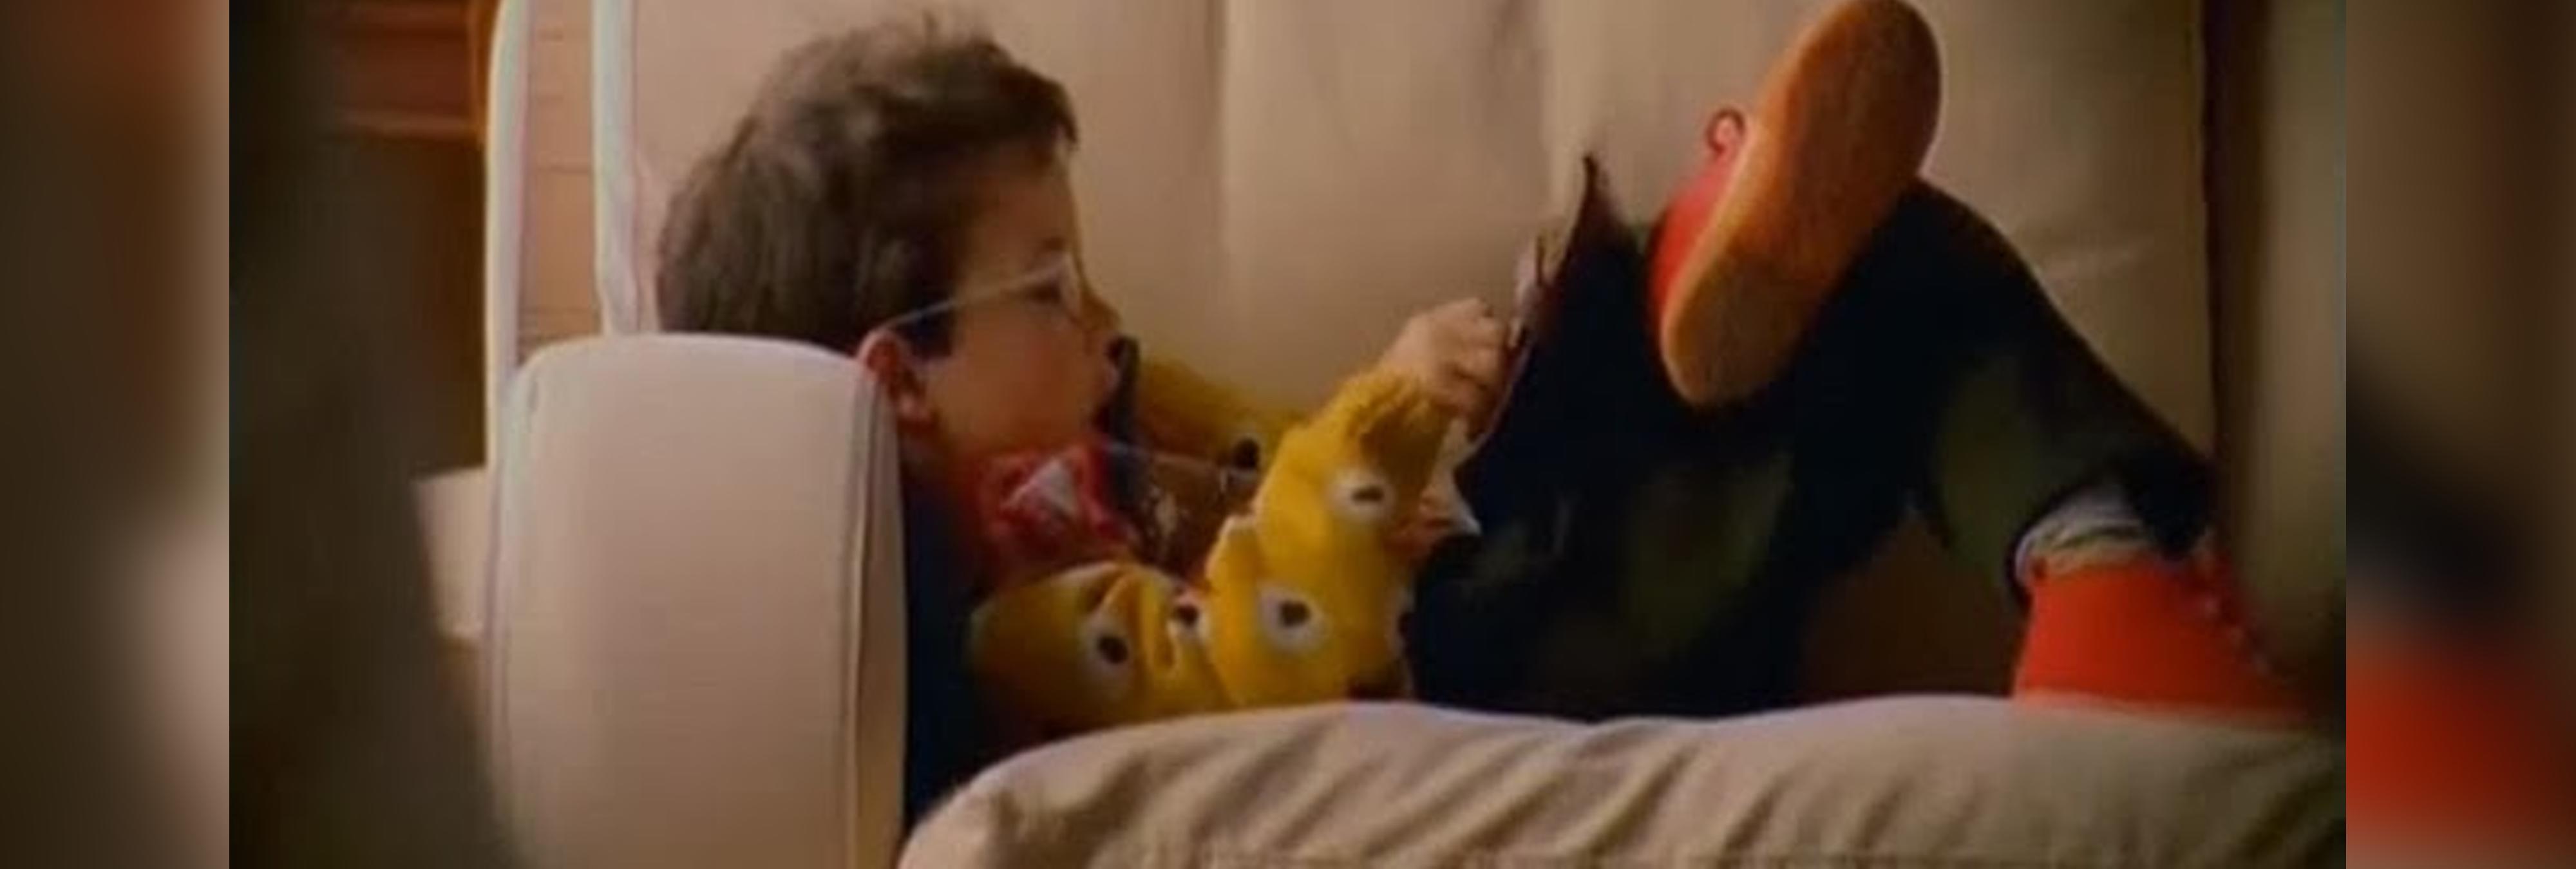 """¿Recuerdas al niño de """"Hola, soy Edu, Feliz Navidad?"""" Pues ahora está irreconocible"""